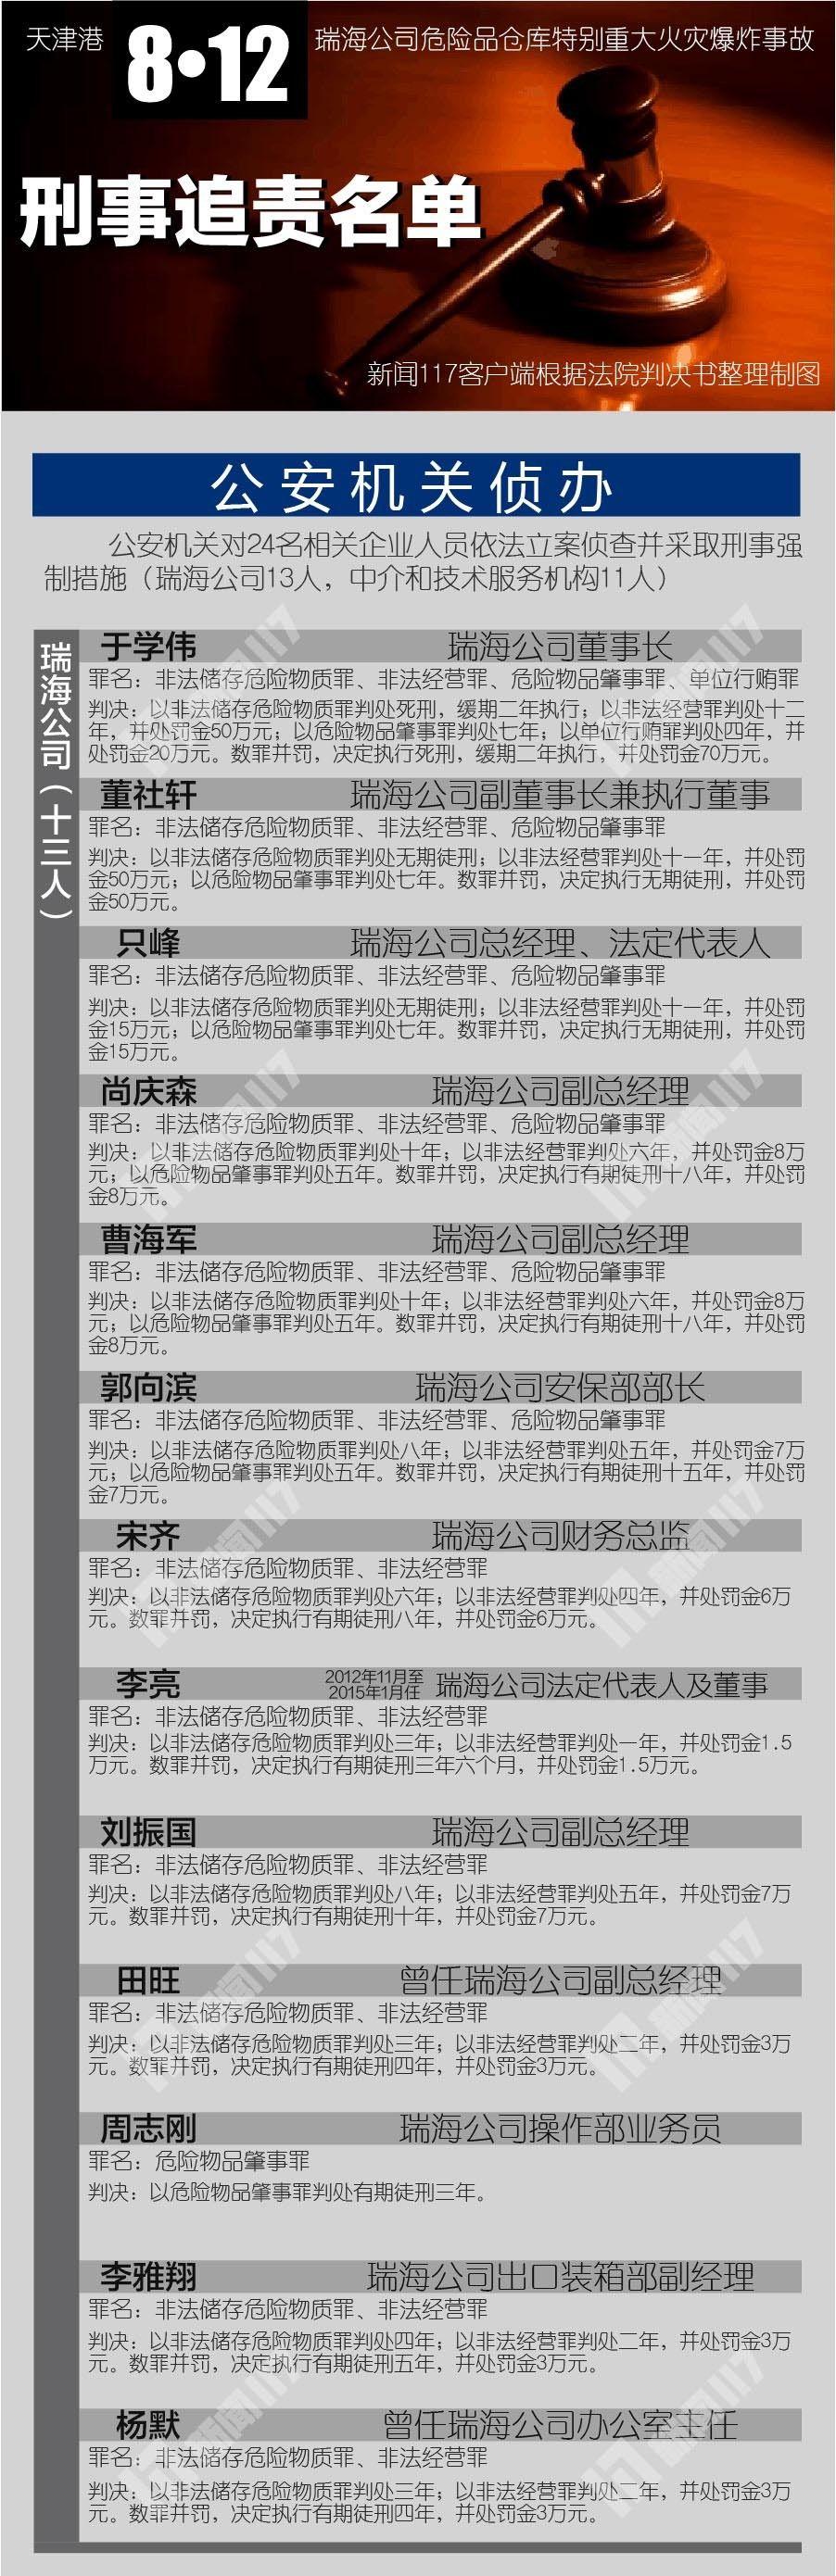 天津港爆炸案顶格重判:离职、挂名、签..